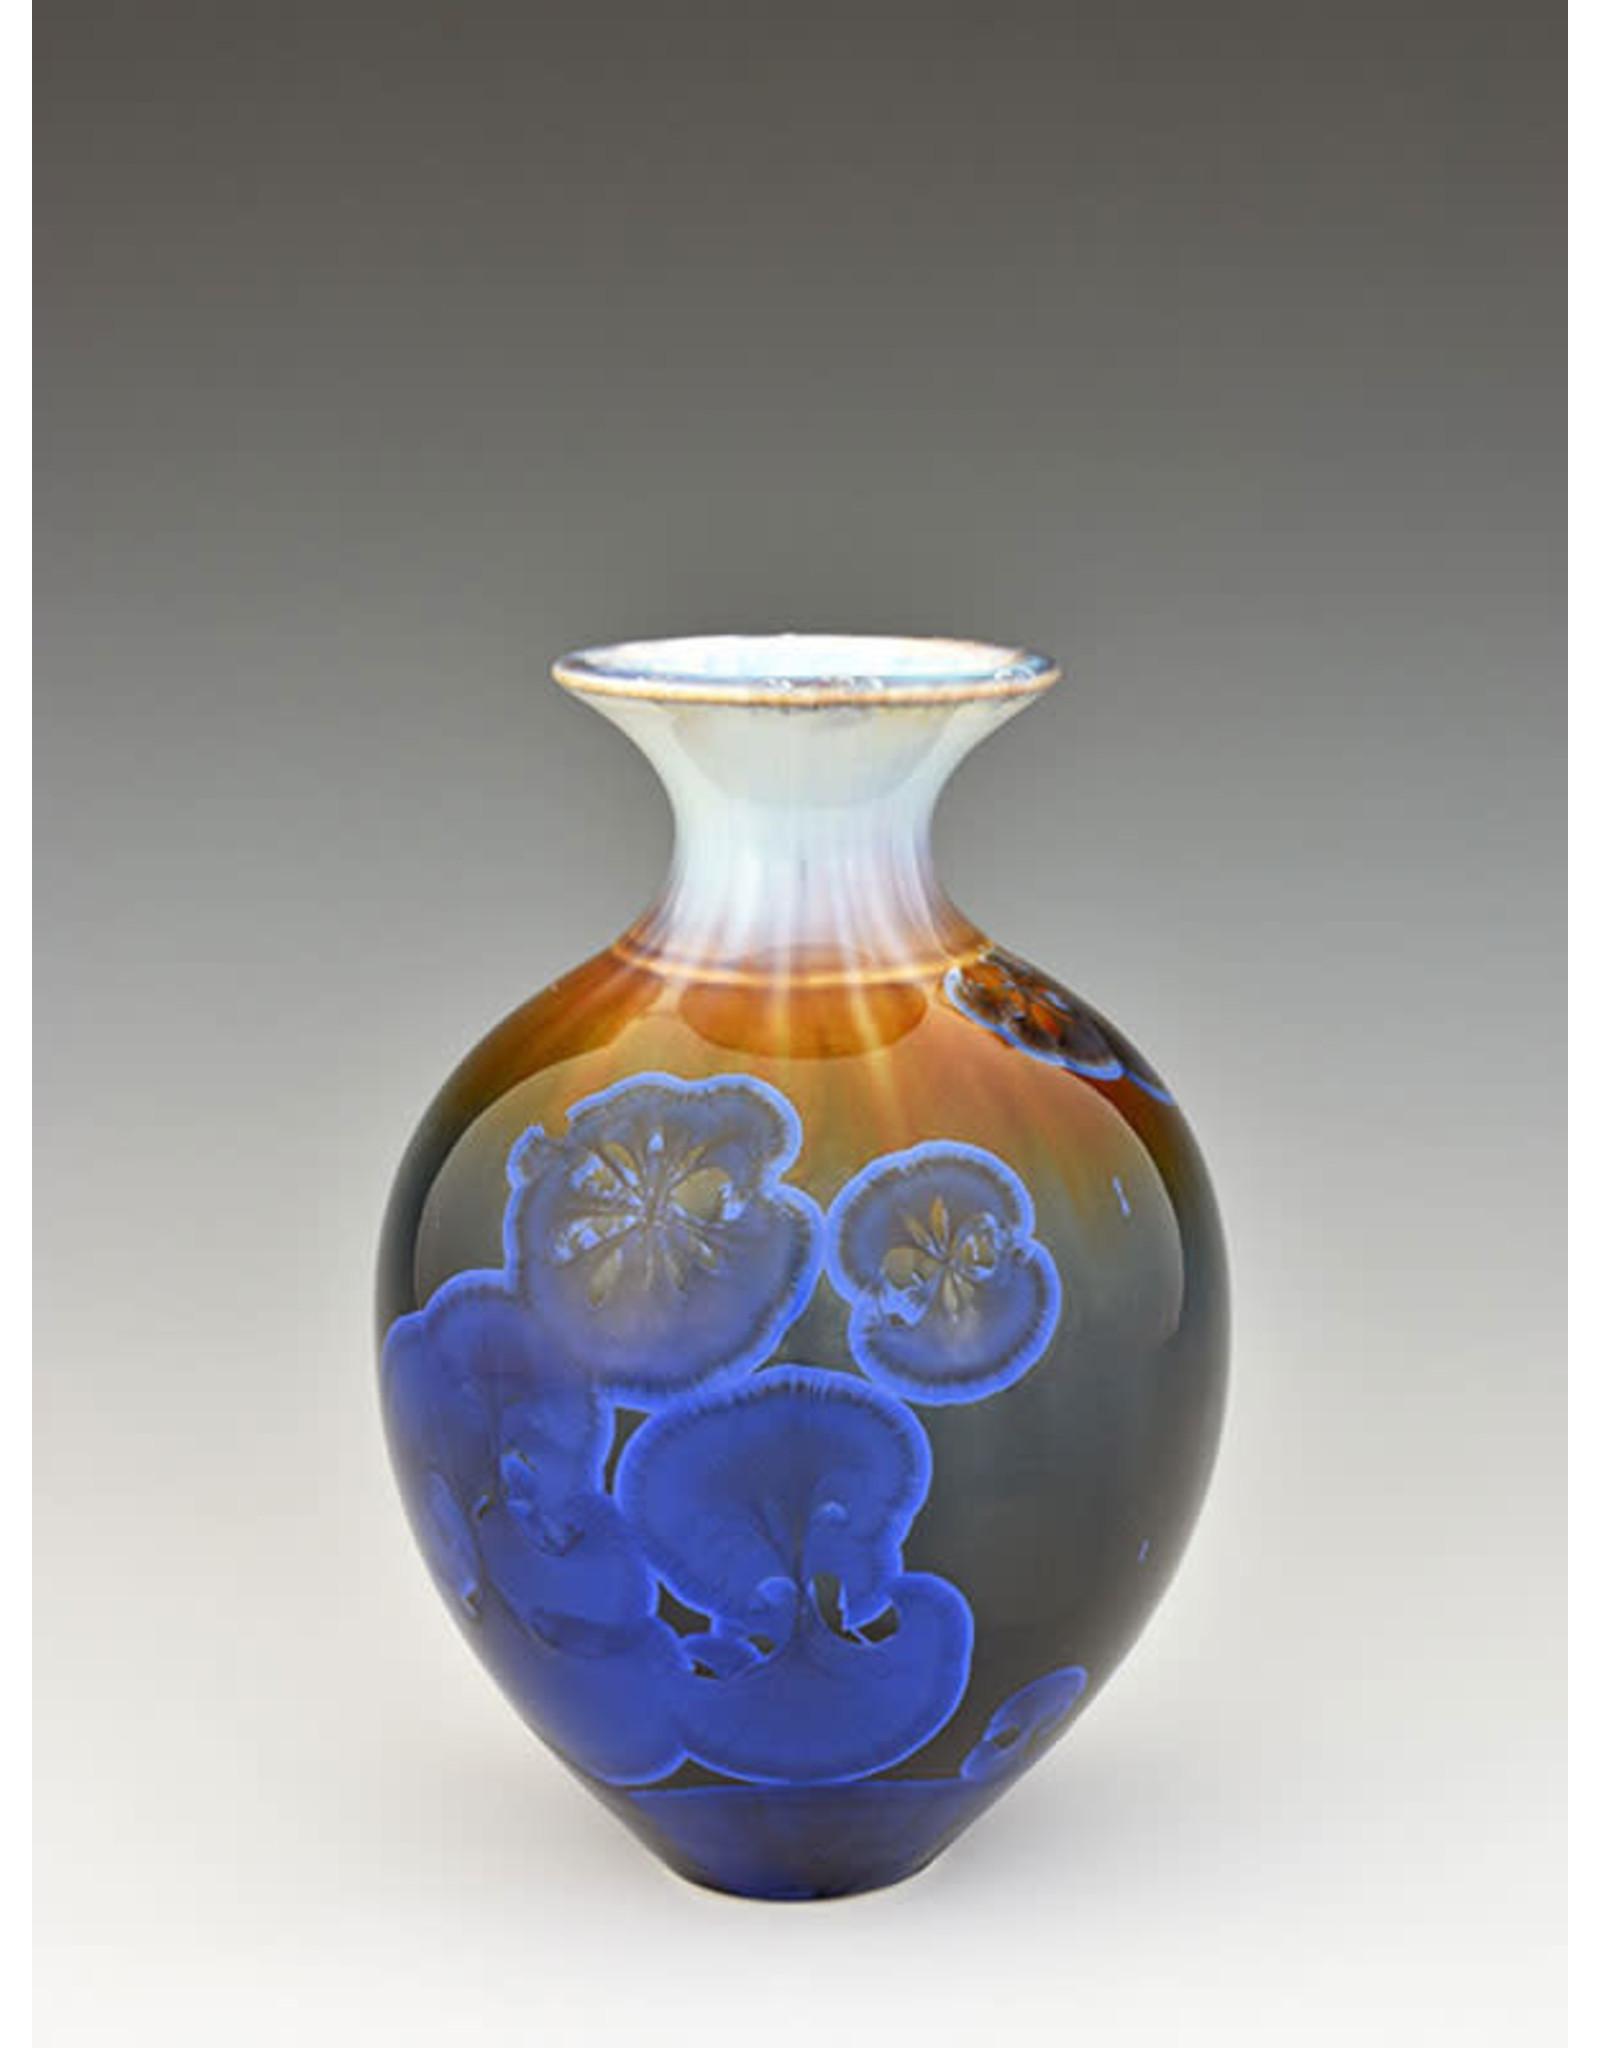 Stellar Art Pottery Stellar Art Pottery Sweet William Vase